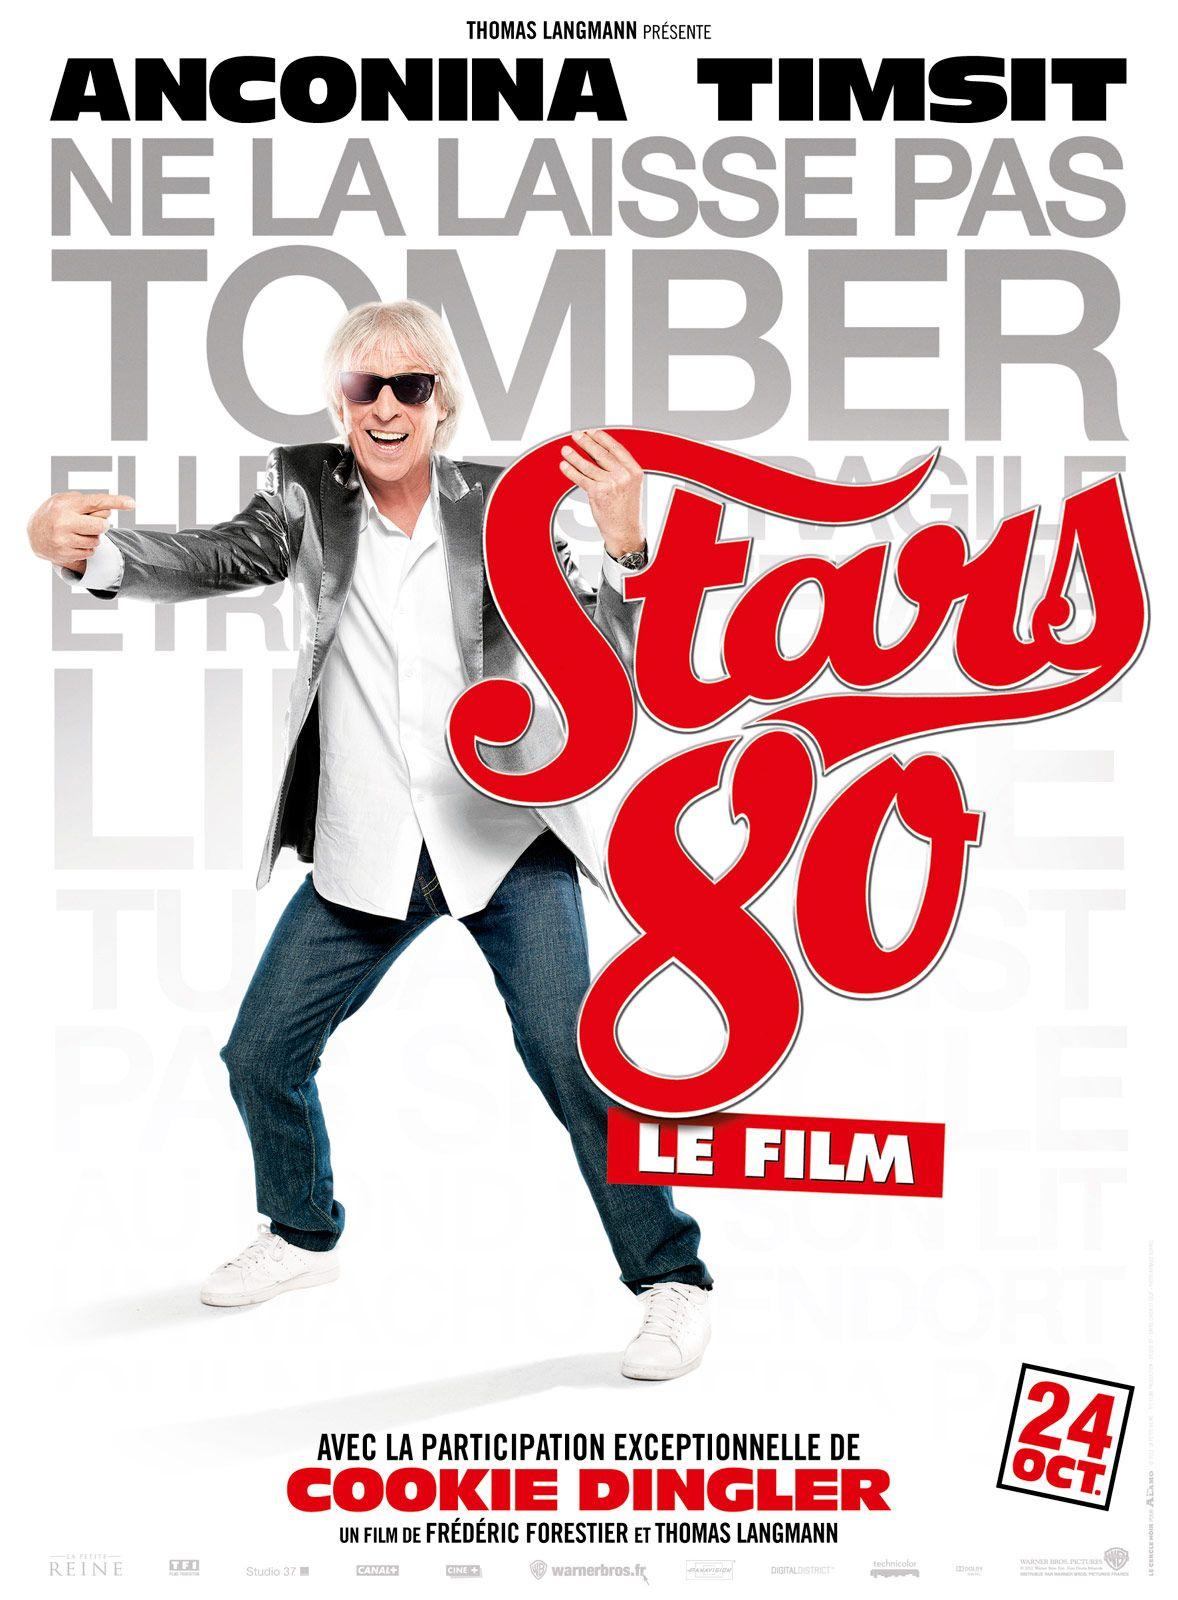 Stars 80, un film de Frédéric Forestier et Thomas Langmann